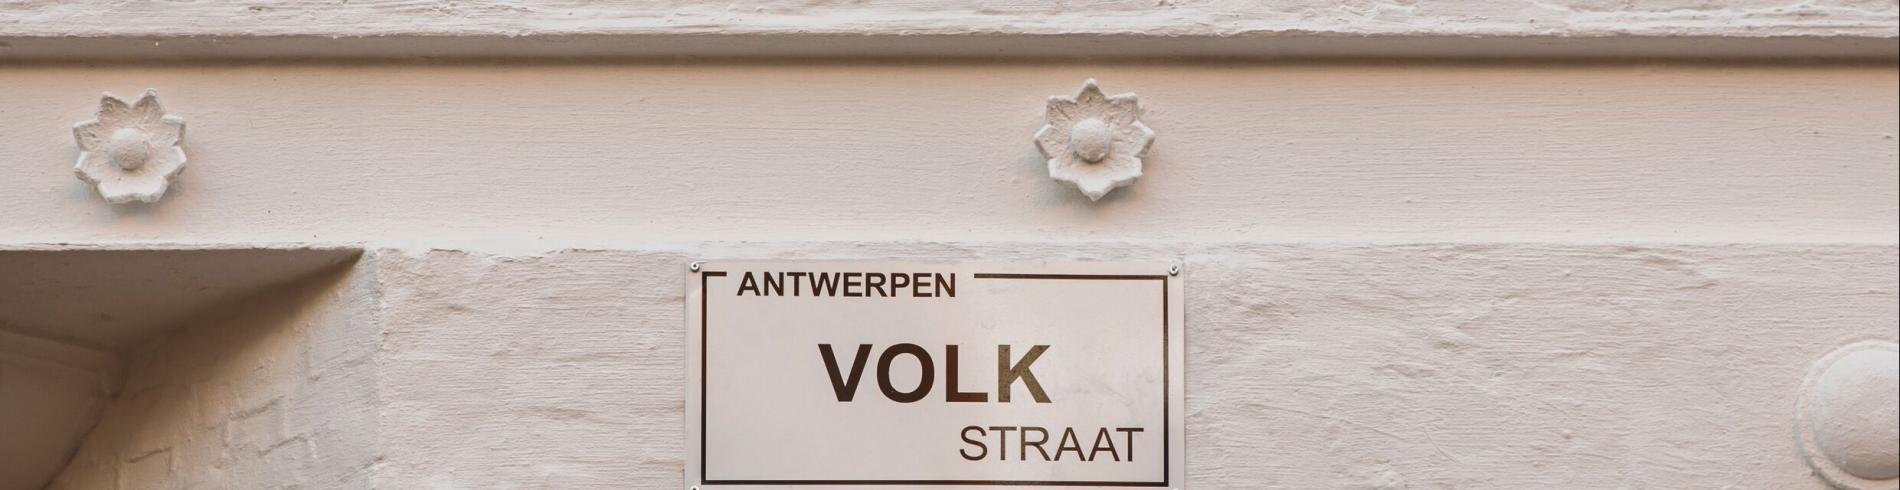 Take time to explore Antwerp's Volkstraat